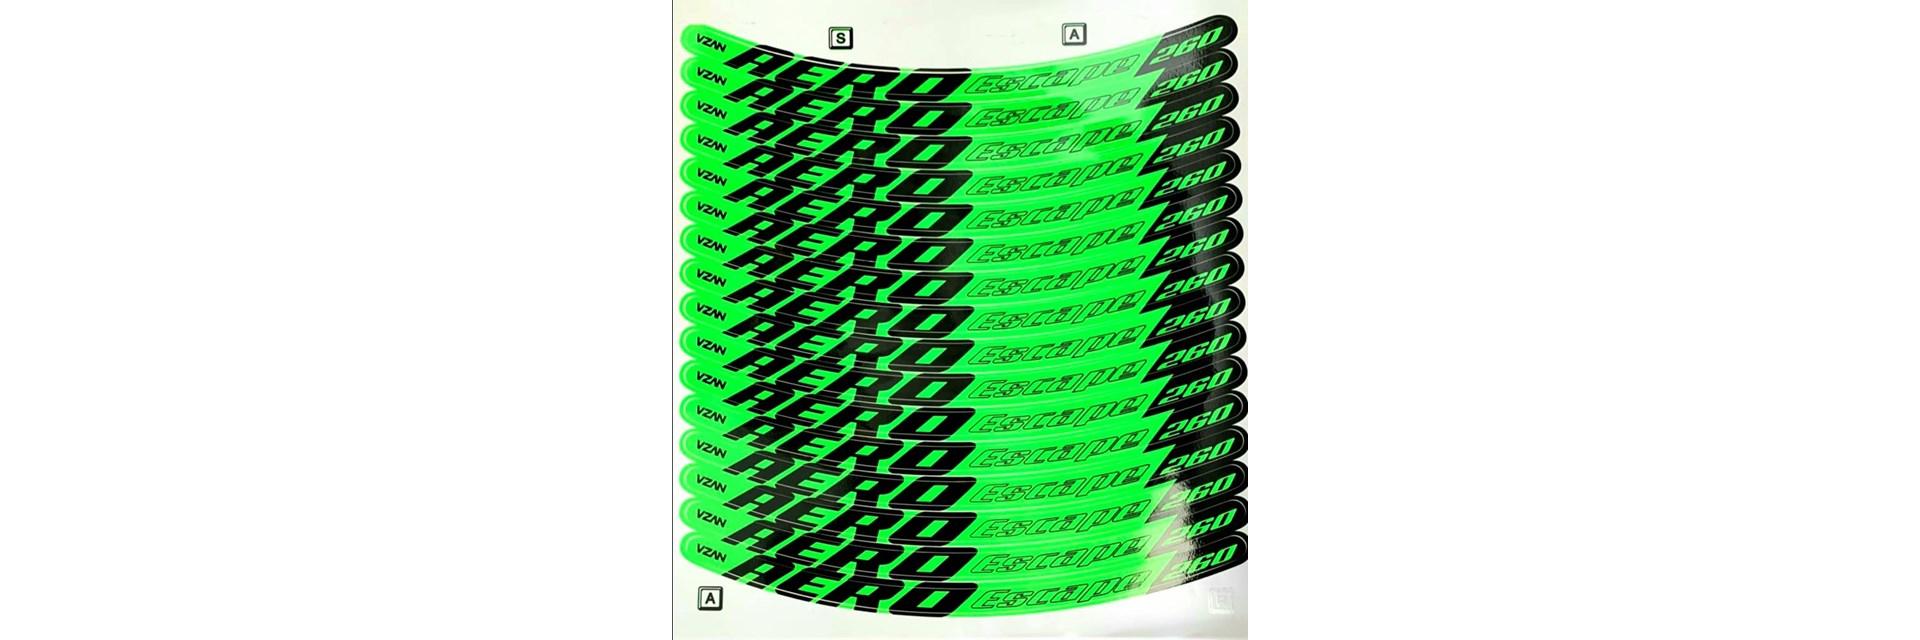 Adesivo Escape V-Brake Verde Neon - Aro 24/ 26/ 26X1.1/2